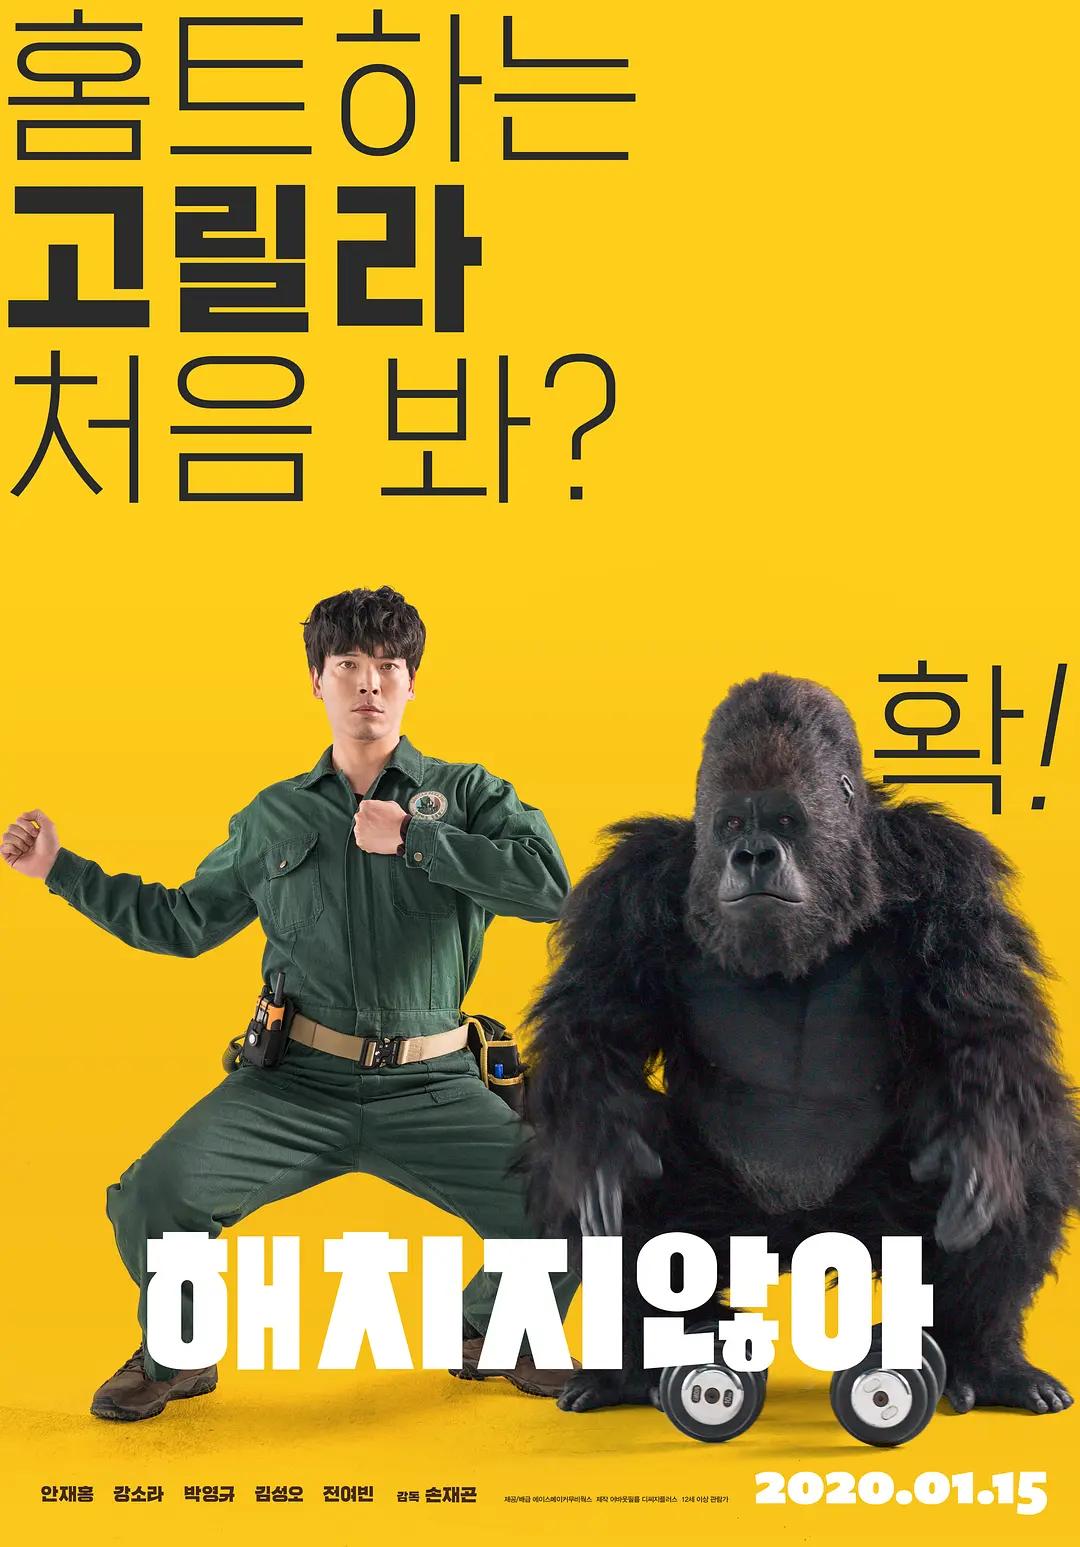 3部韩国爆笑喜剧电影!让你在家笑出腹肌